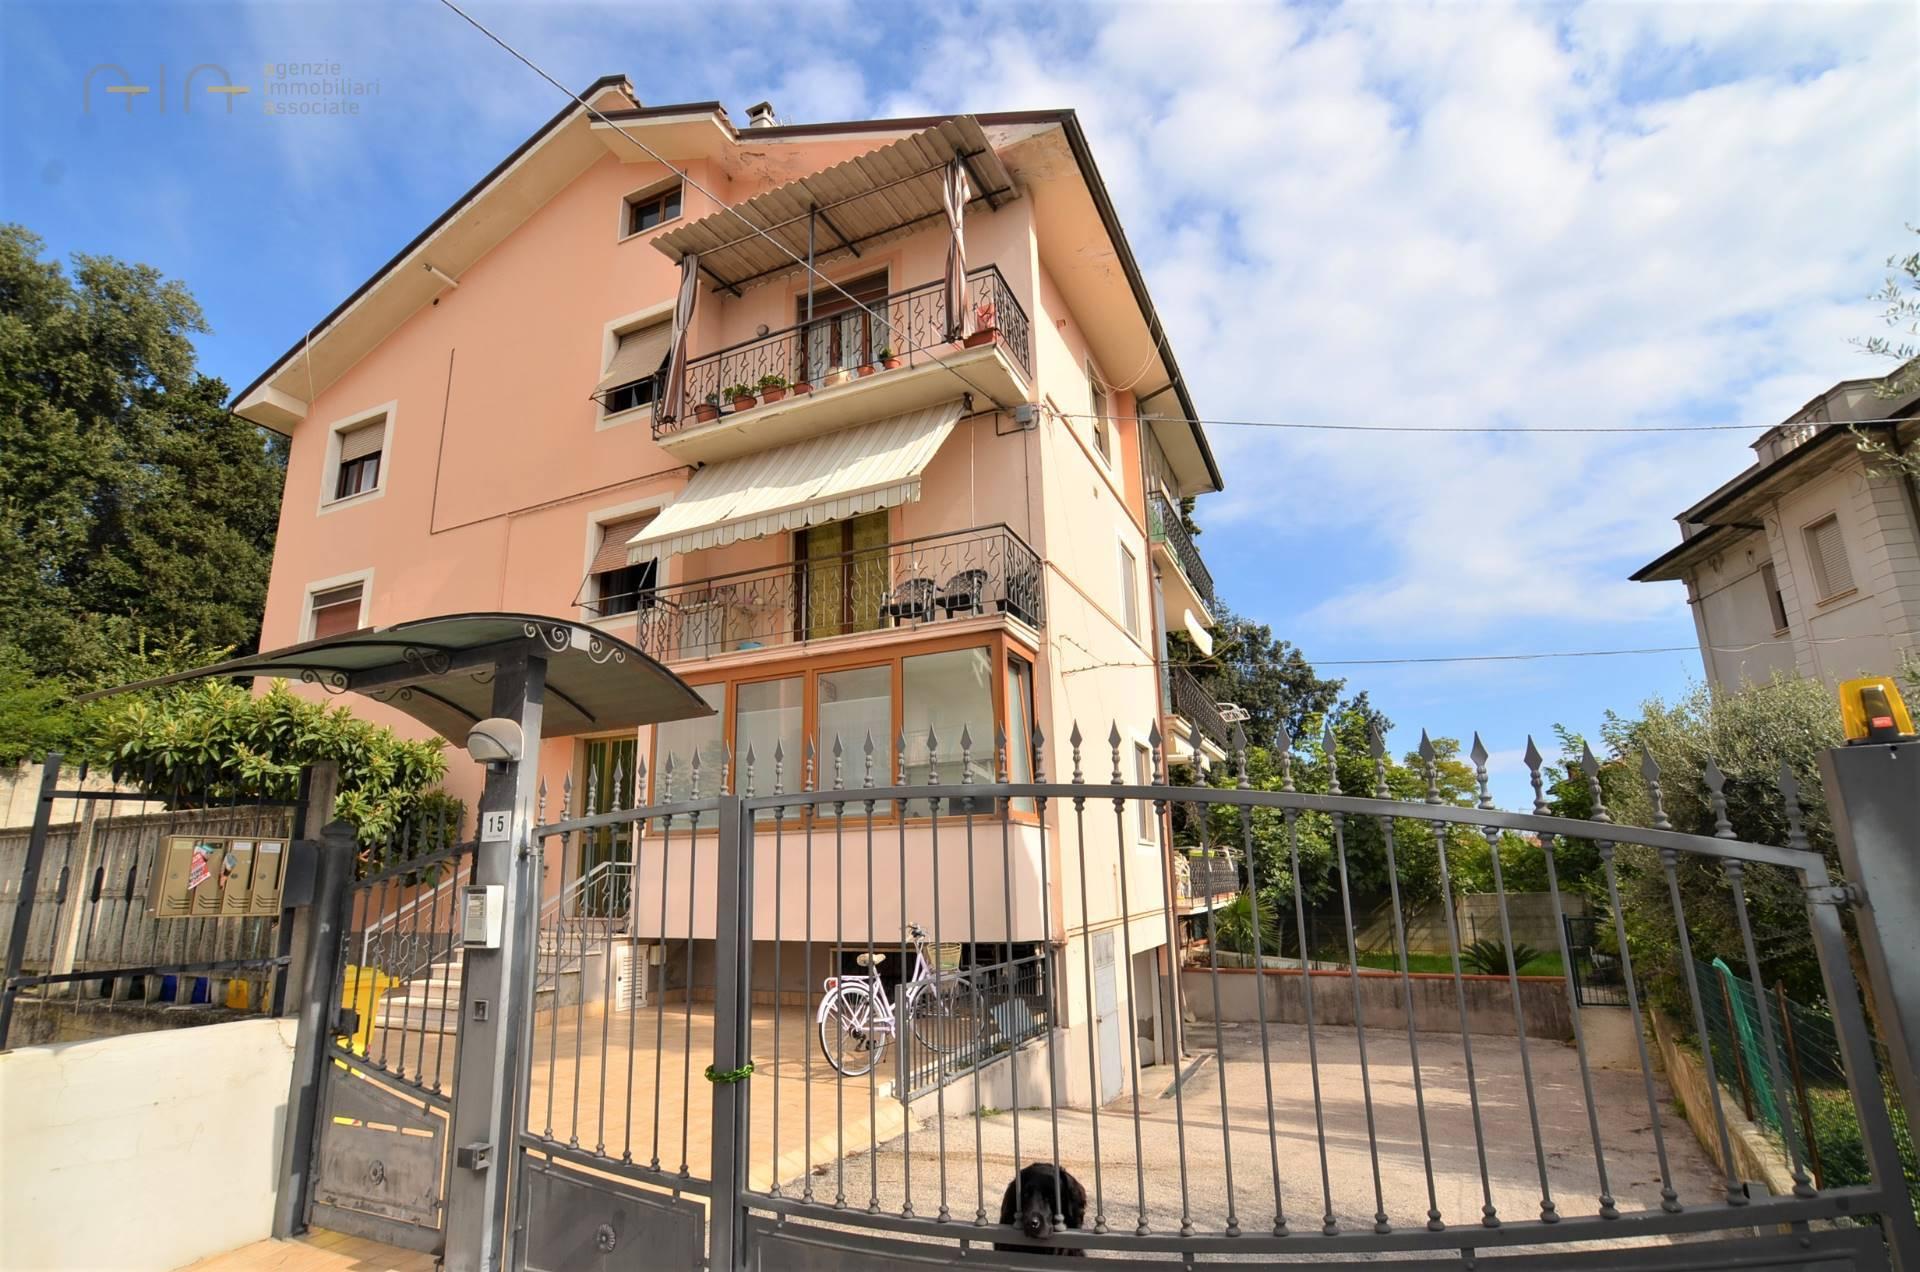 Appartamento in vendita a San Benedetto del Tronto, 5 locali, prezzo € 230.000 | PortaleAgenzieImmobiliari.it